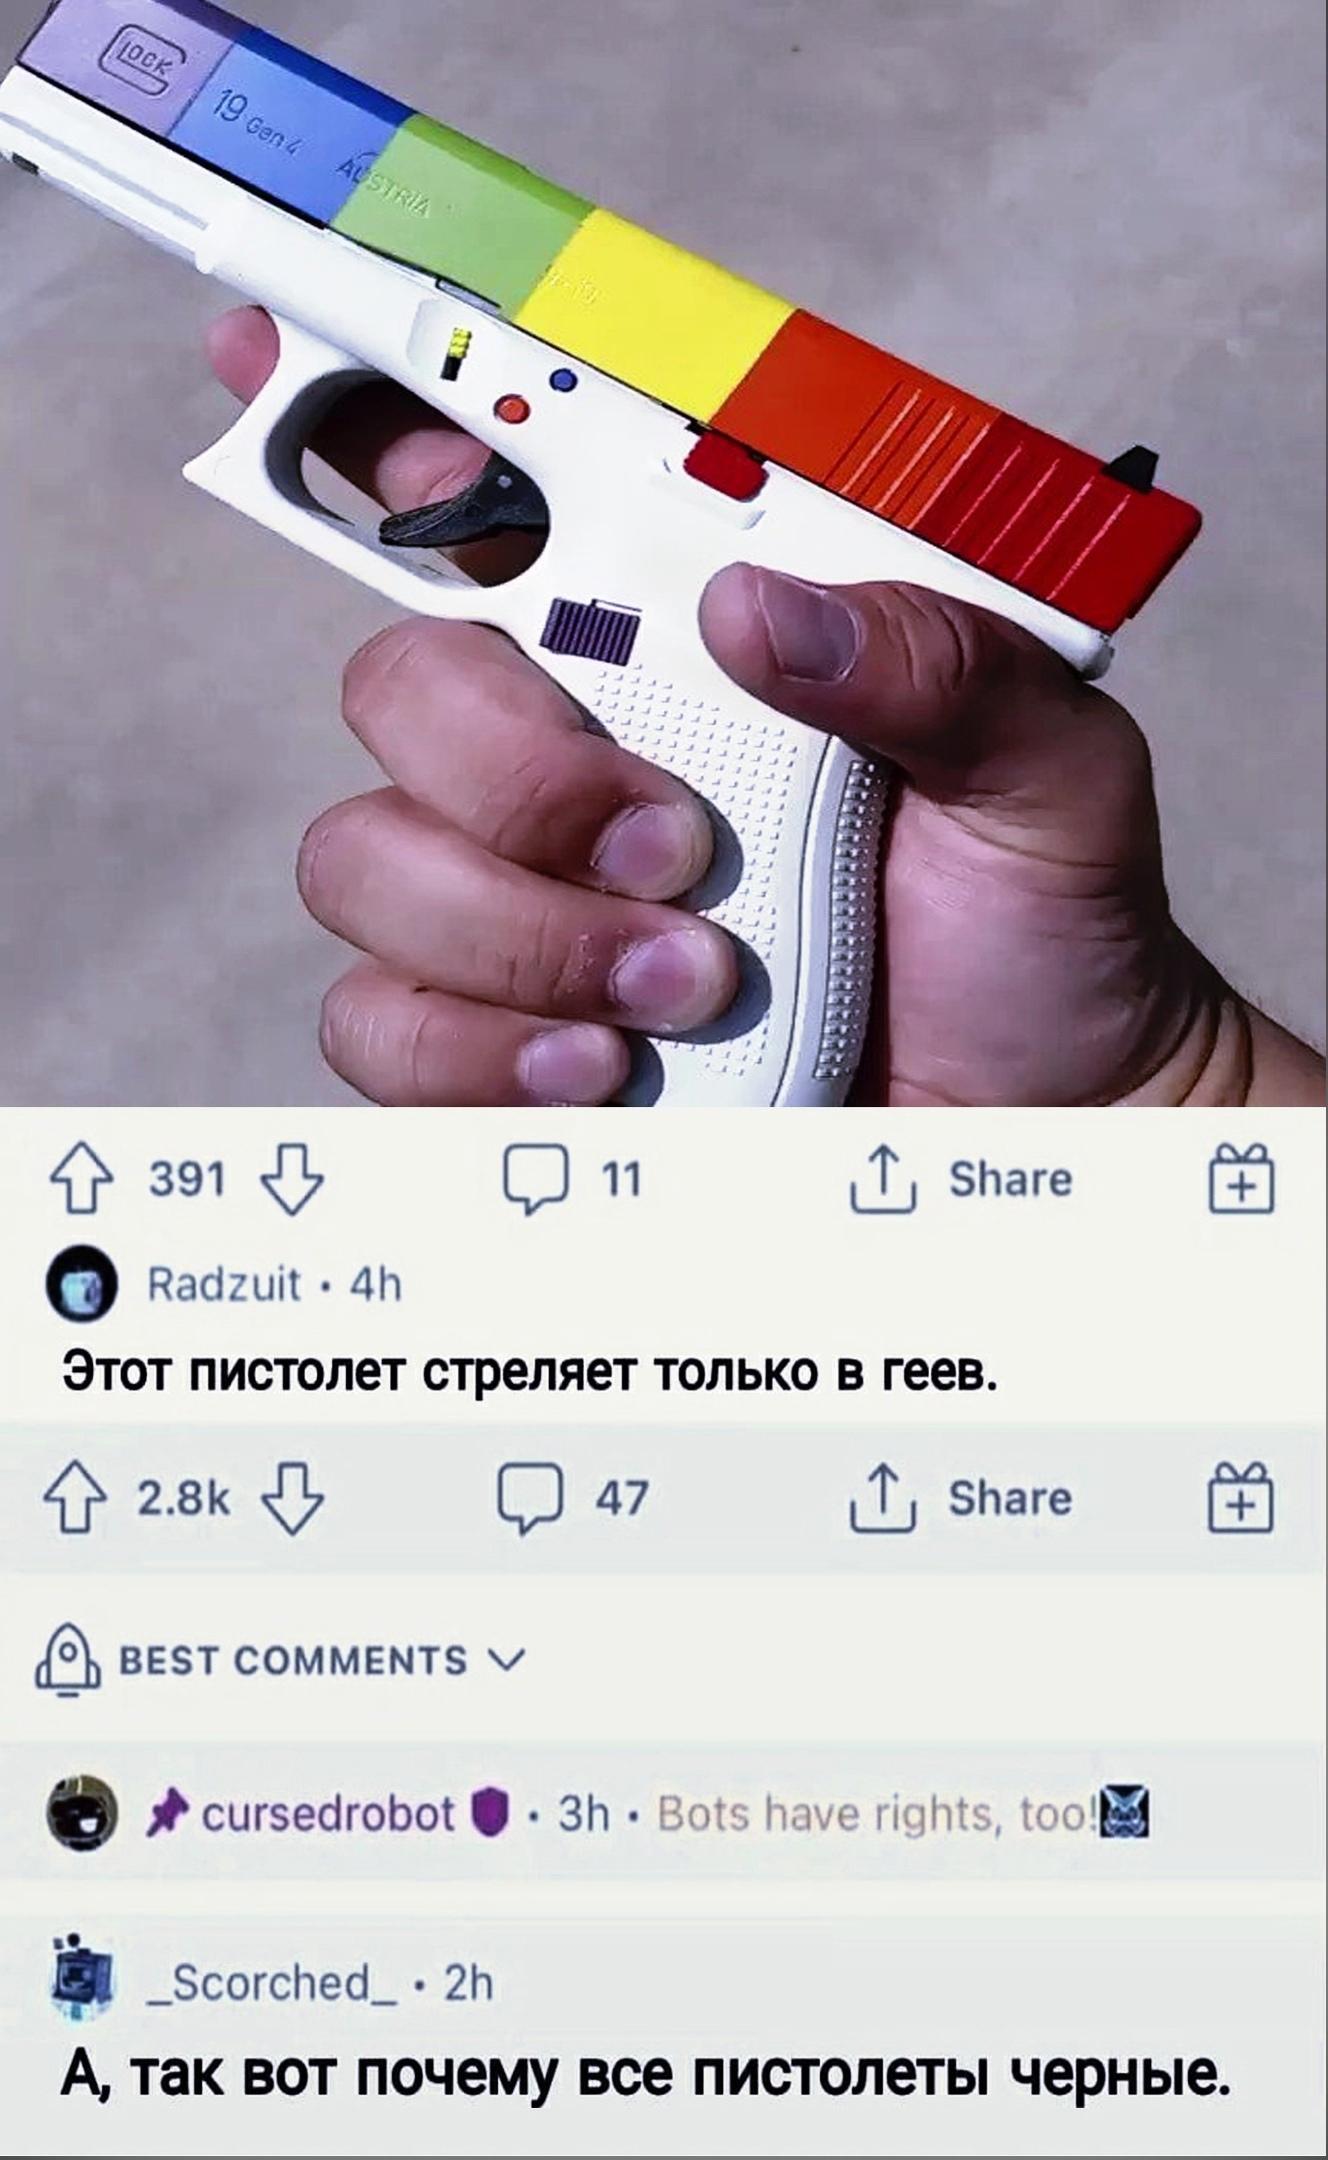 пистолет который стреляет в геев, лгбт, черный пистолет стреляет по черным